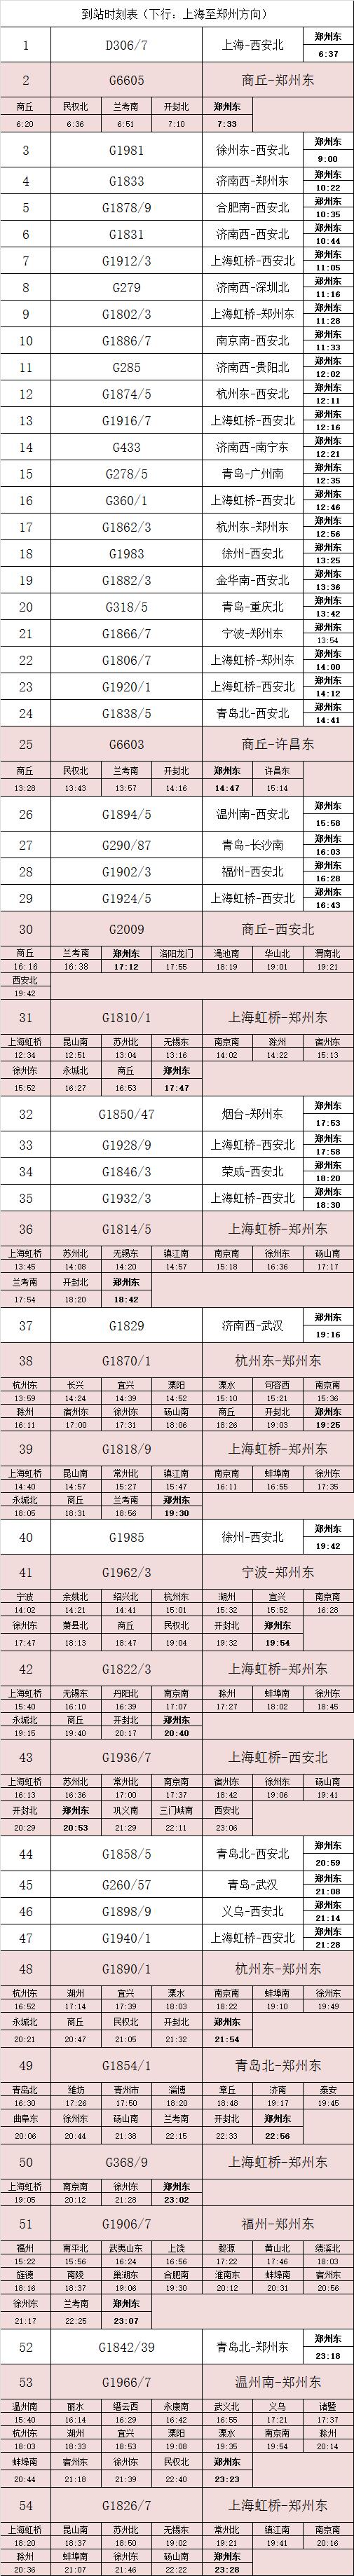 郑徐高铁官方版时刻表首发 初期开行列车116趟- 郑州